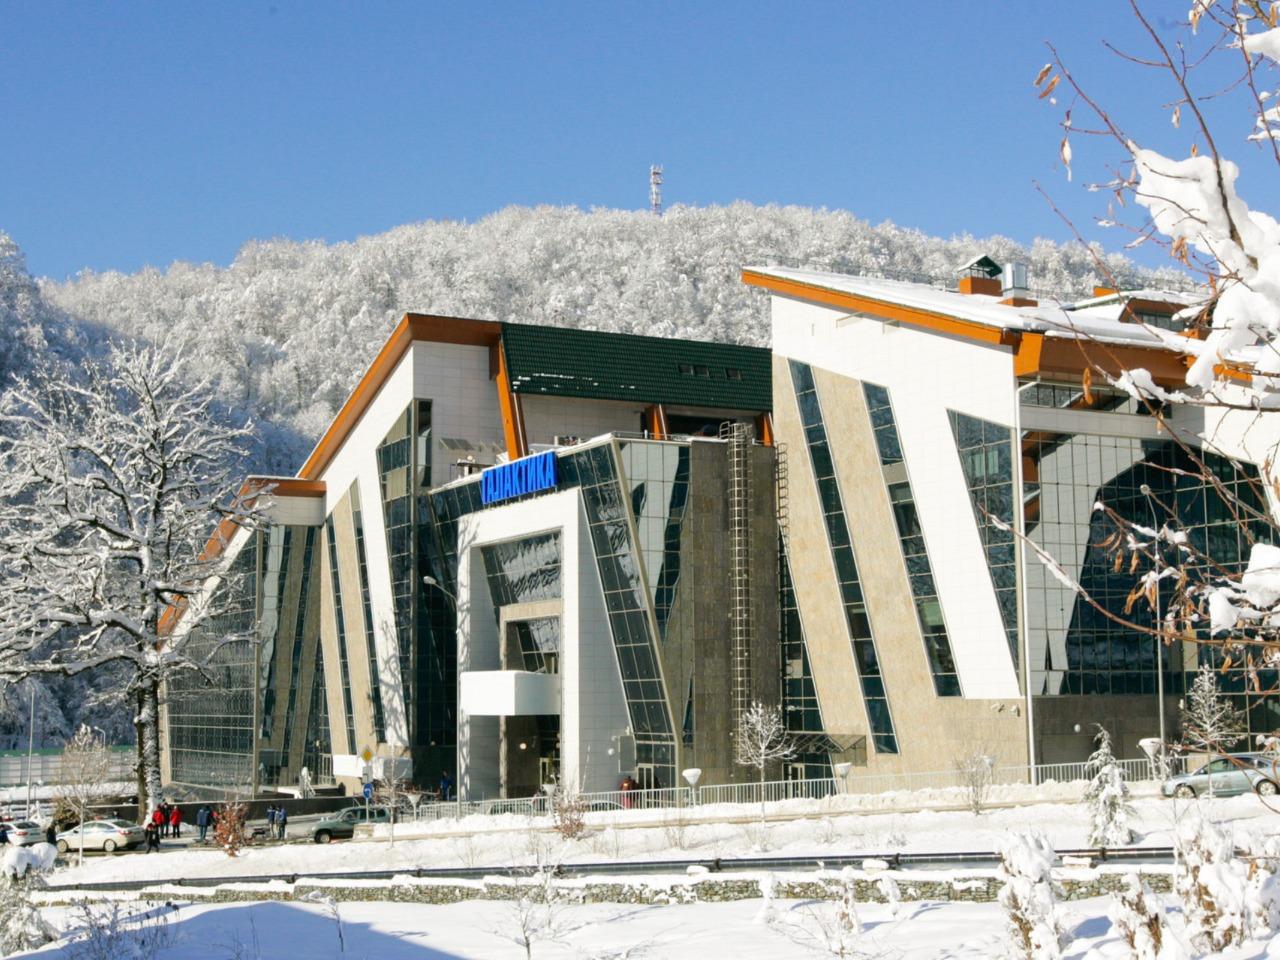 Уникальная красота Русской Швейцарии  - индивидуальная экскурсия в Адлере от опытного гида